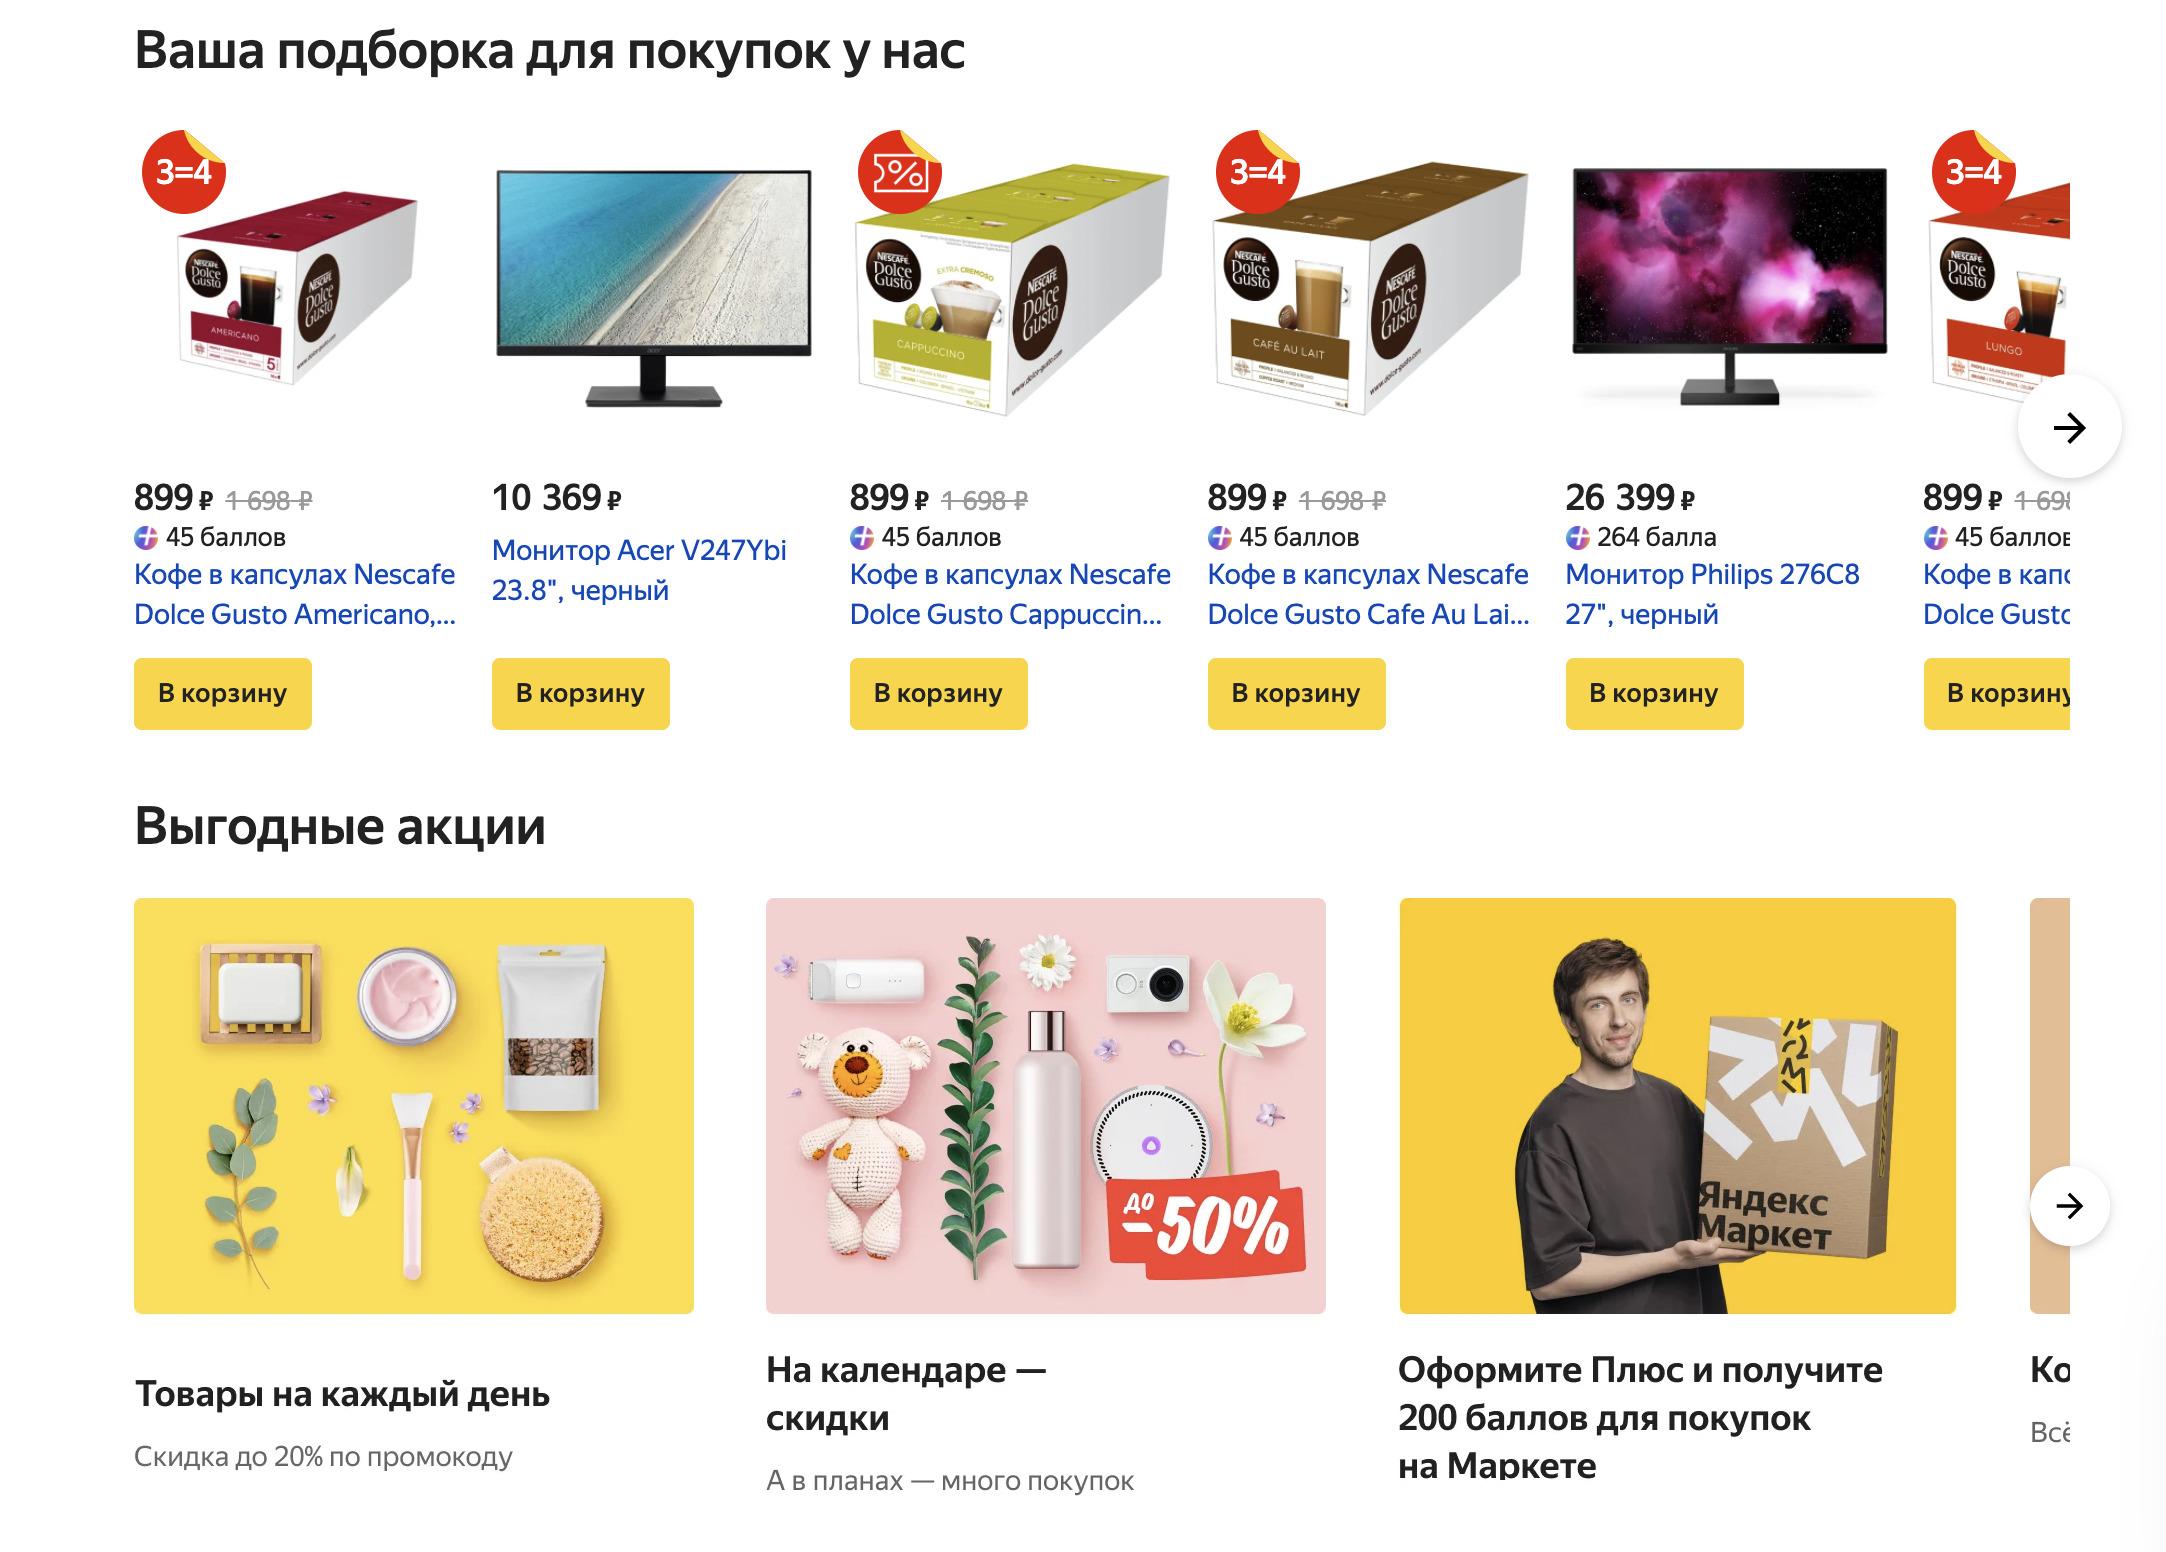 Доставка из Яндекс.Маркет в Хасавюрт, сроки, пункты выдачи, каталог